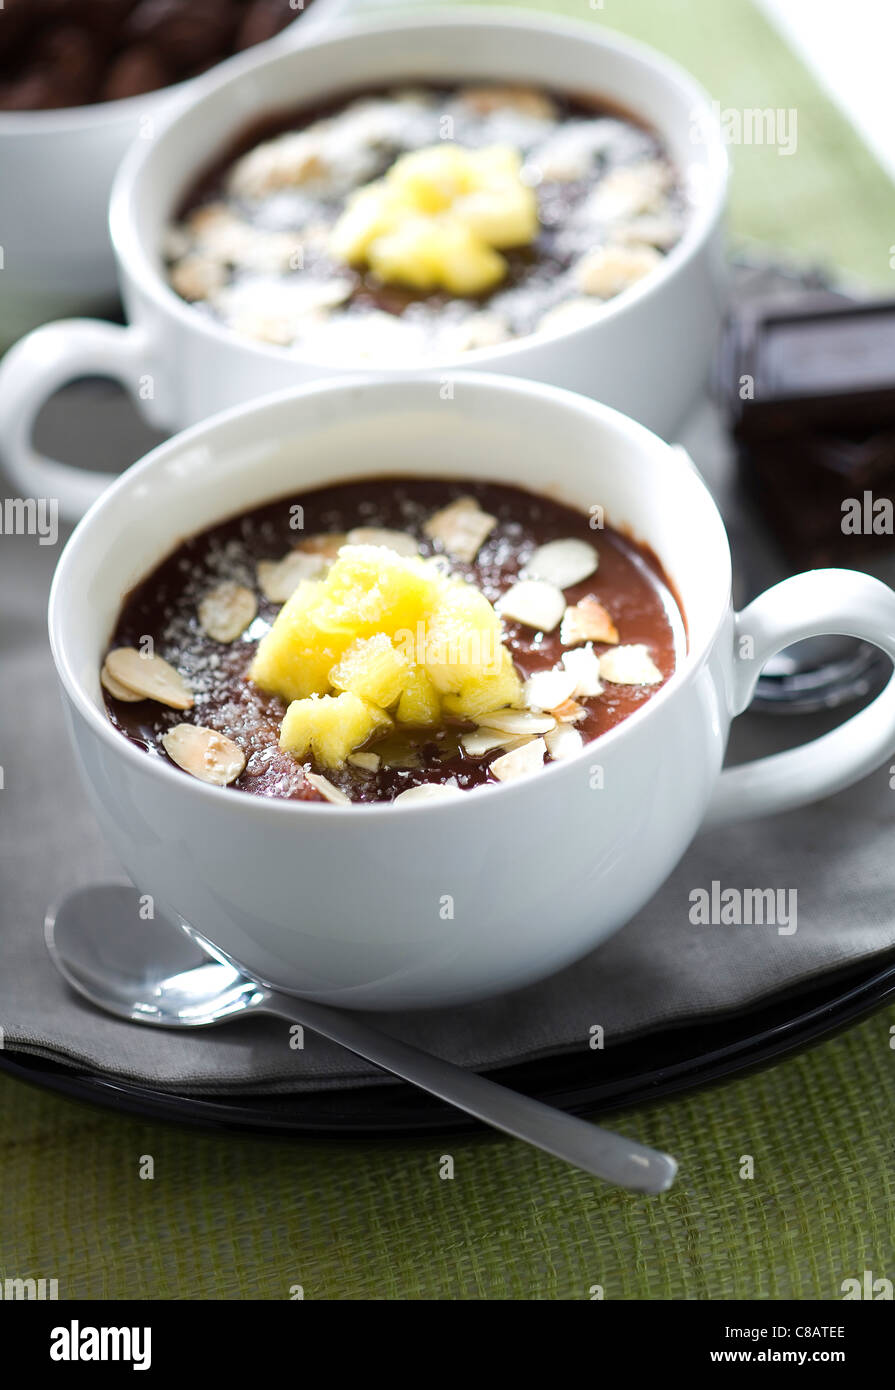 Schokolade Creme Dessert mit Mandeln, Ananas und Kokos Stockbild